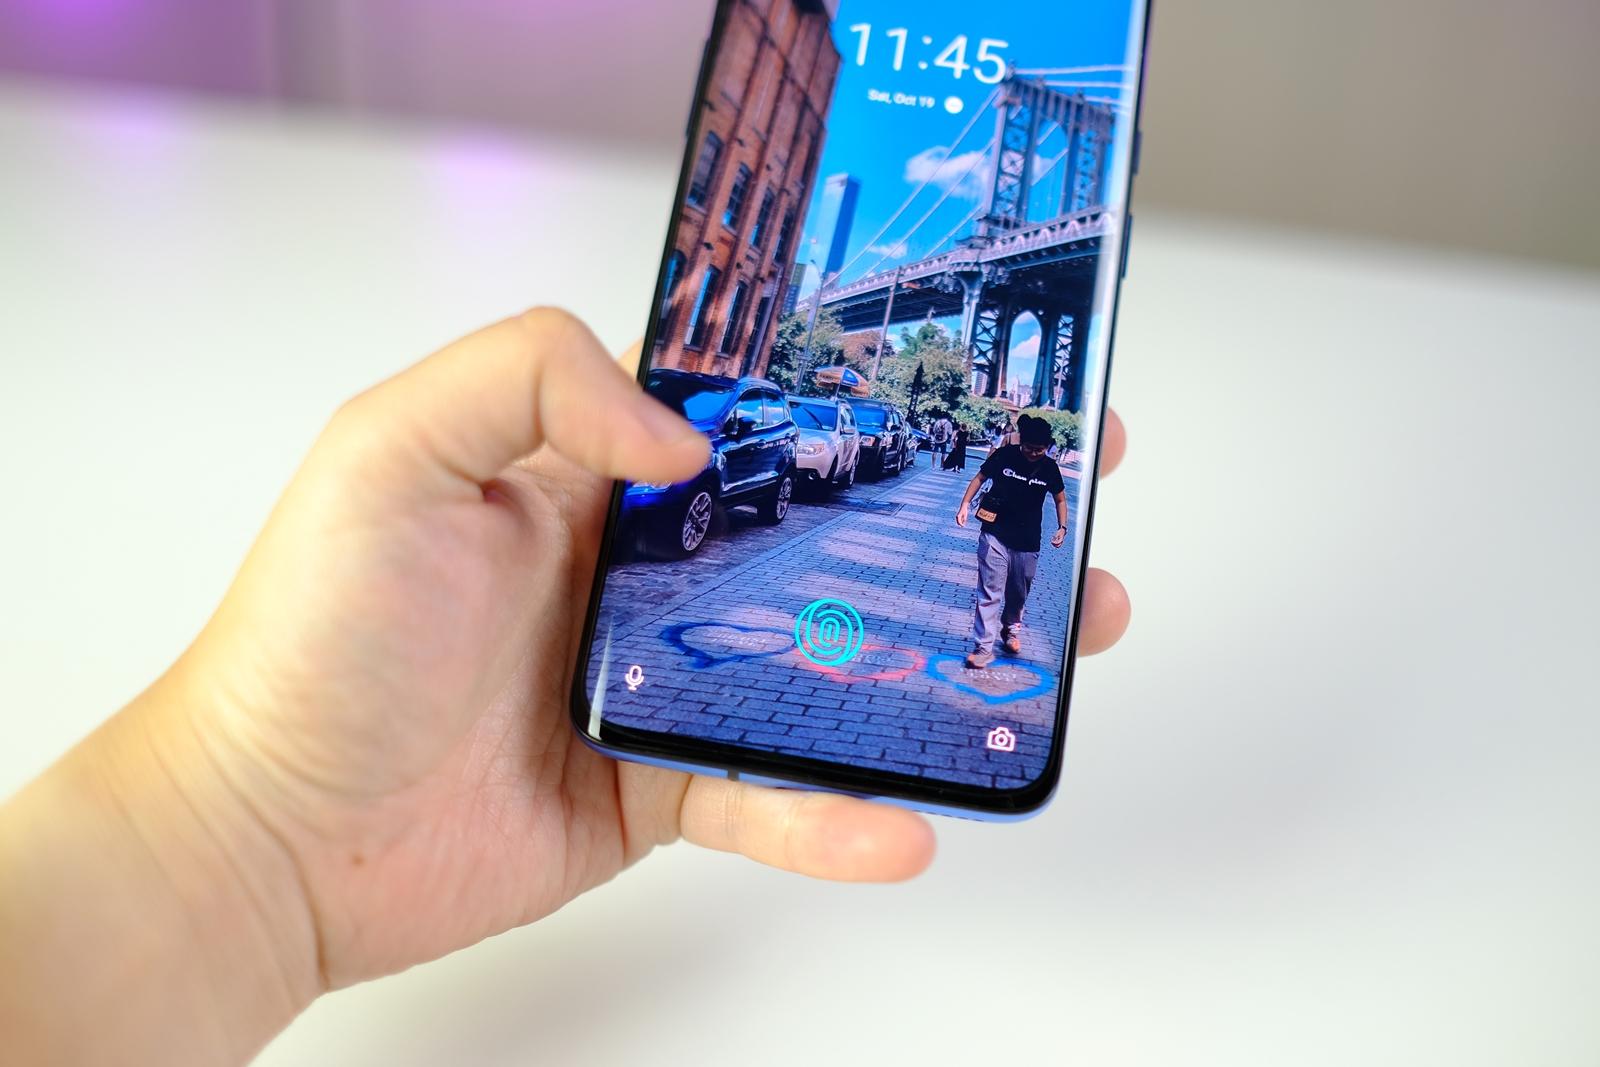 OnePlus 7T Pro fingerprint